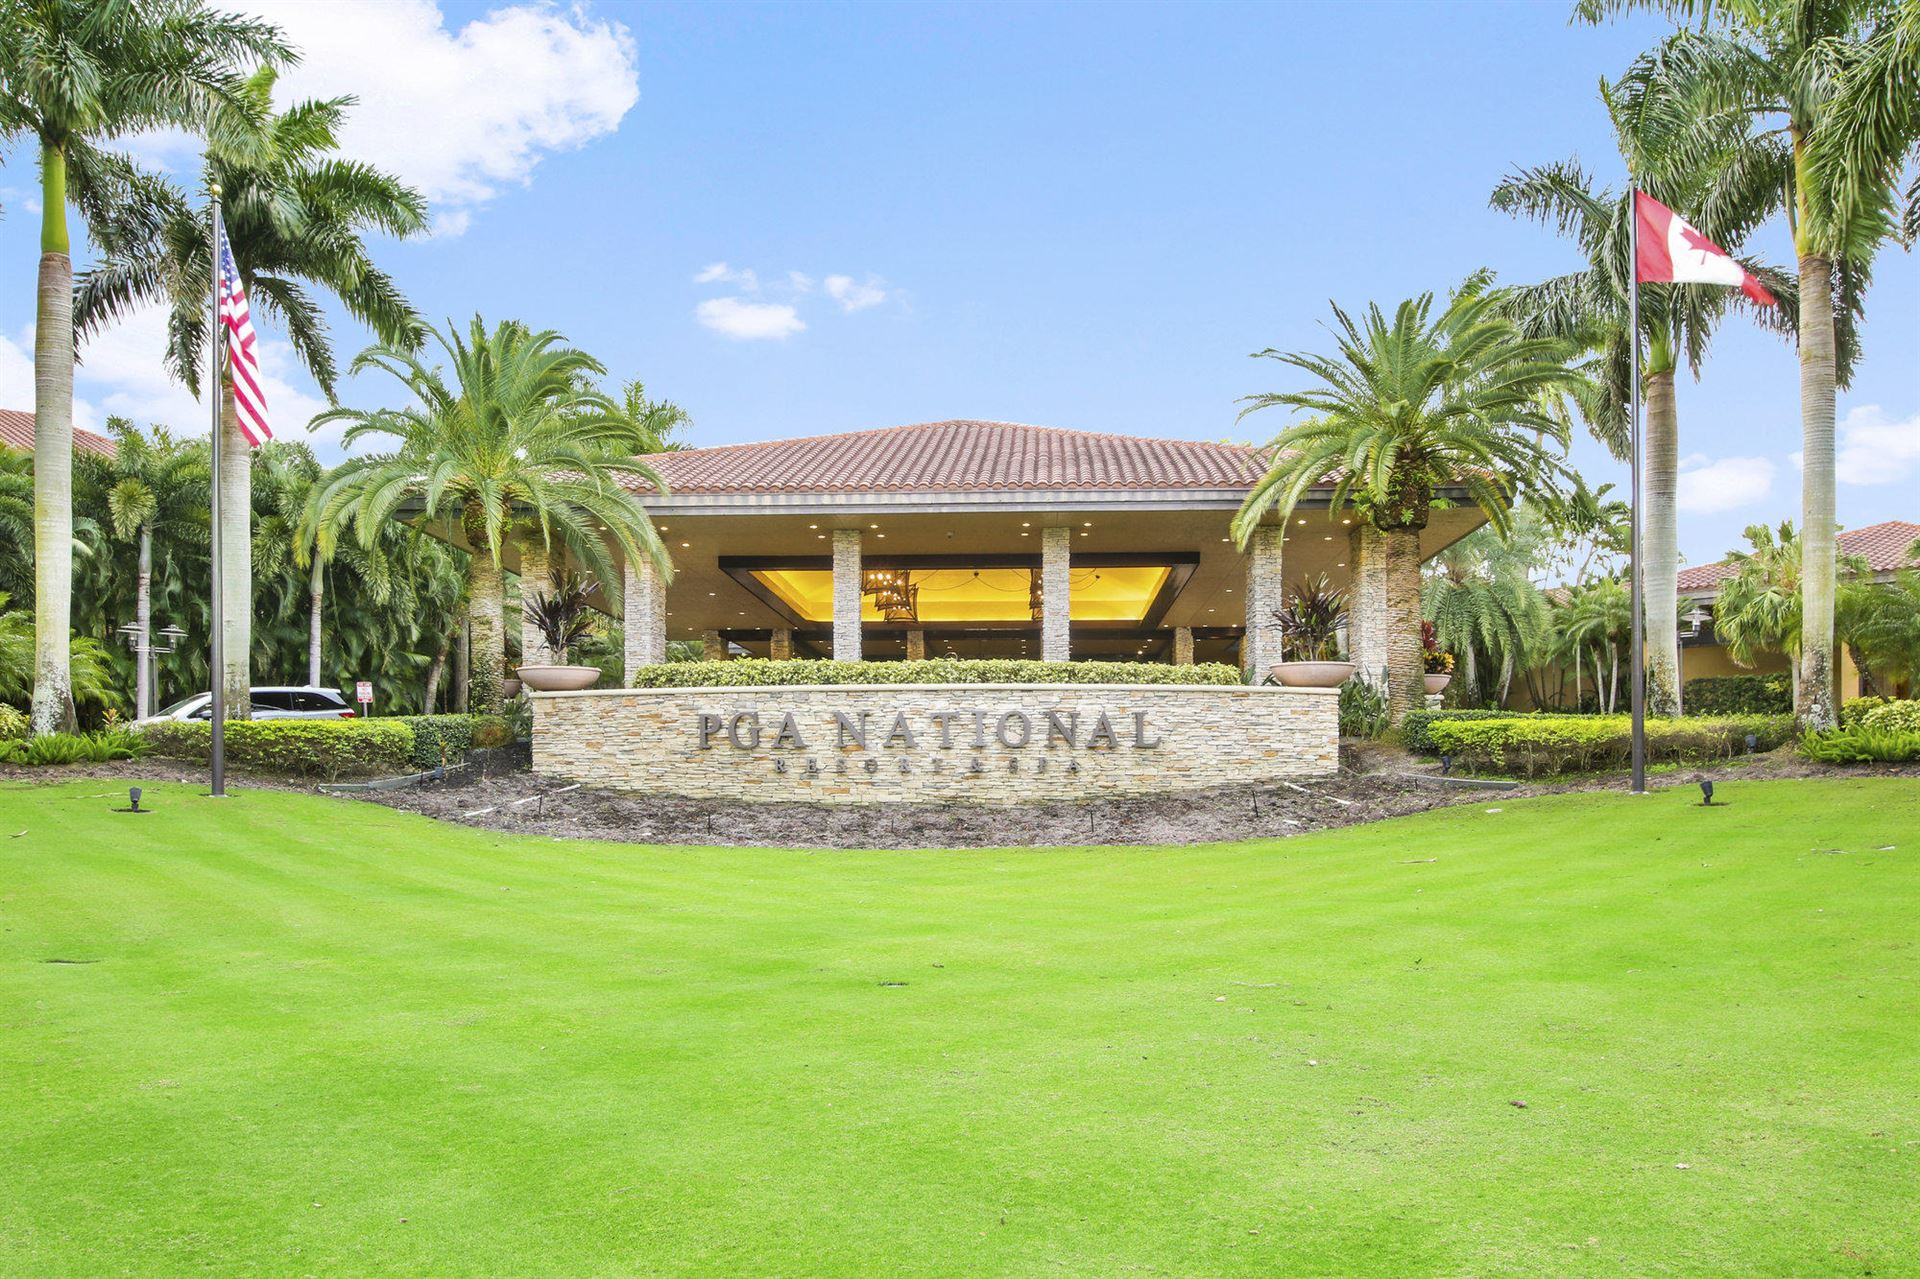 Photo of 1102 Duncan Circle #102, Palm Beach Gardens, FL 33418 (MLS # RX-10682773)